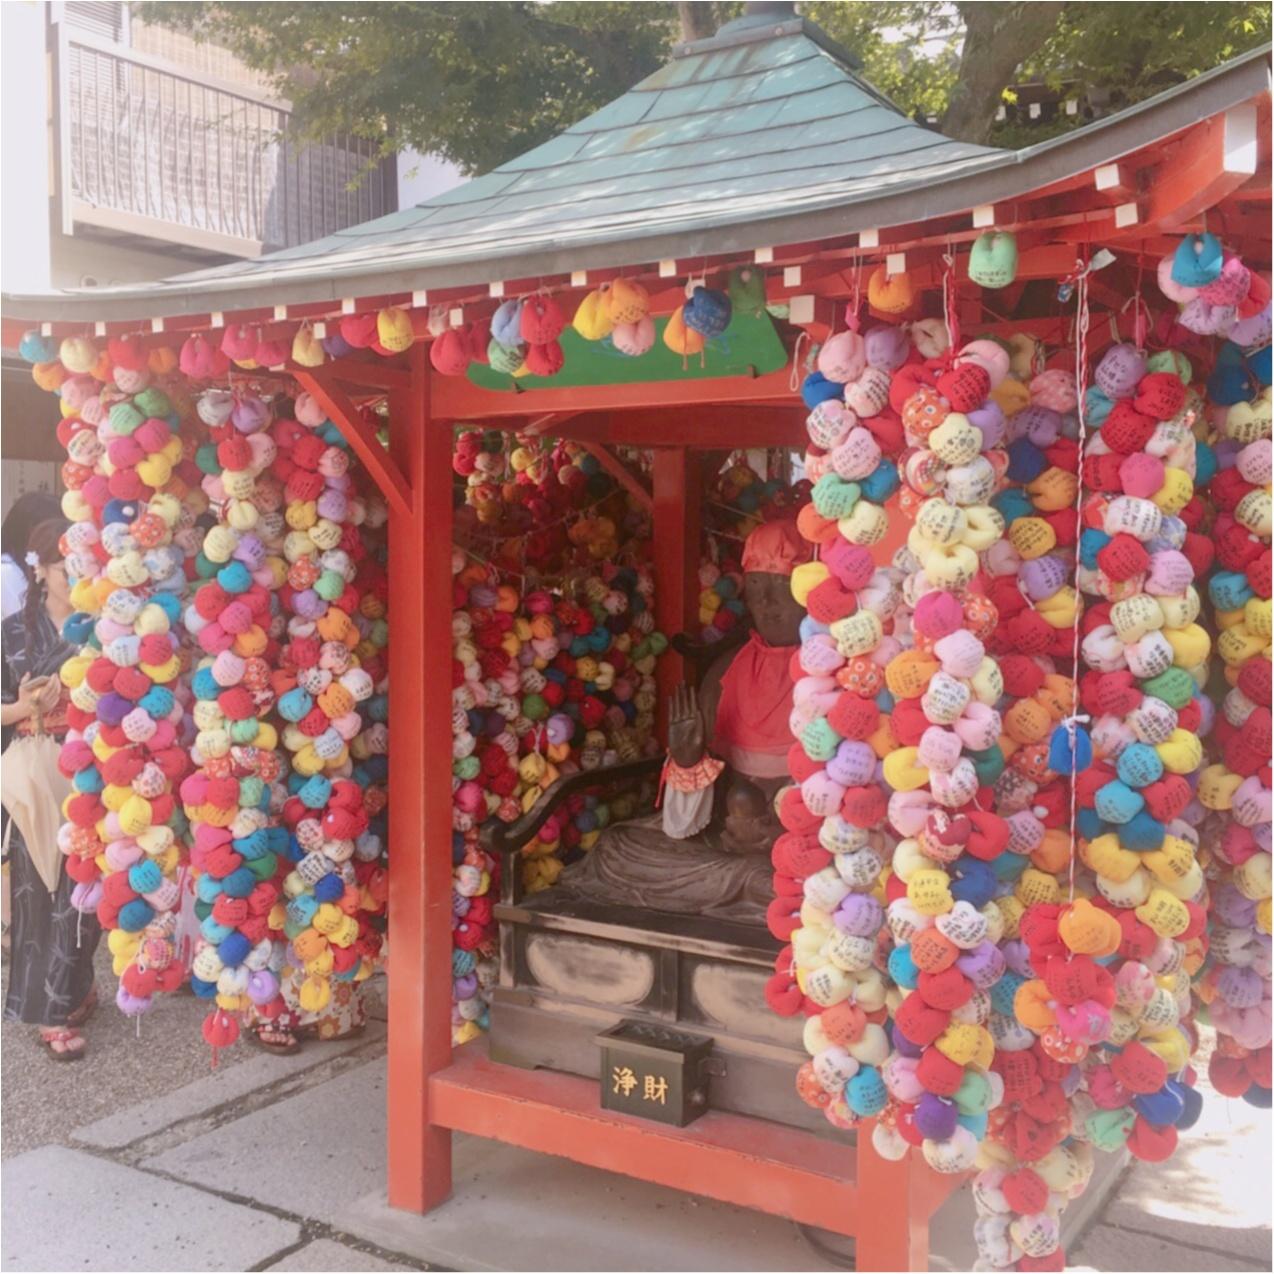 カラフルで可愛い♡ 京都にあるフォトジェニックなスポット《 八坂庚申堂 》って知ってる? おしゃれな写真のアイディア3選♡_2